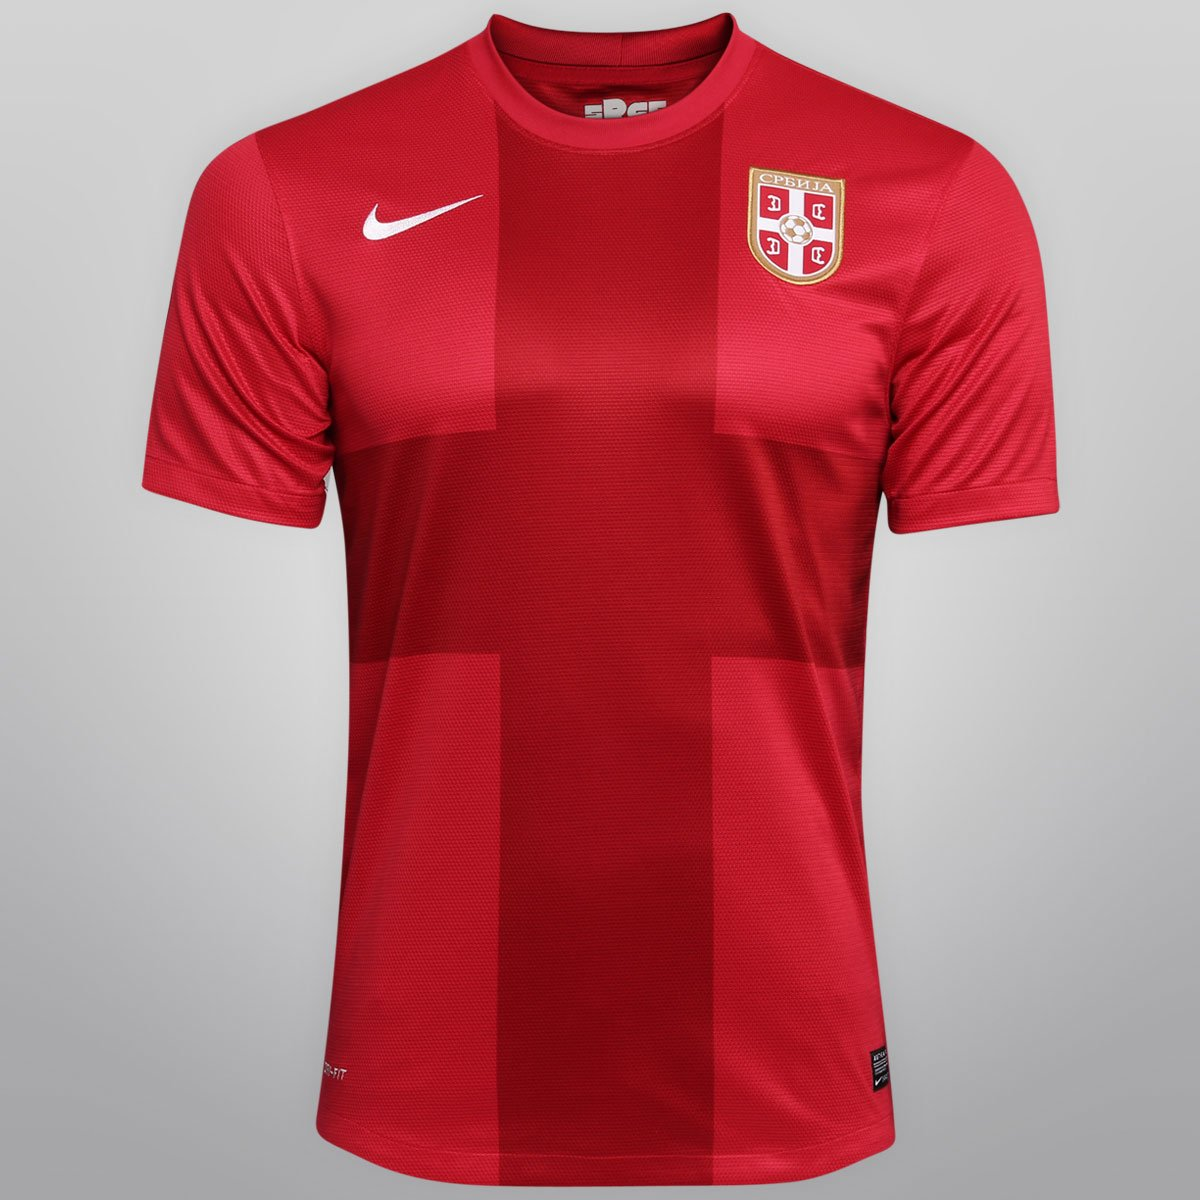 Camisa Nike Seleção Sérvia Home 2012 s nº - Compre Agora  13fbad67f3bda